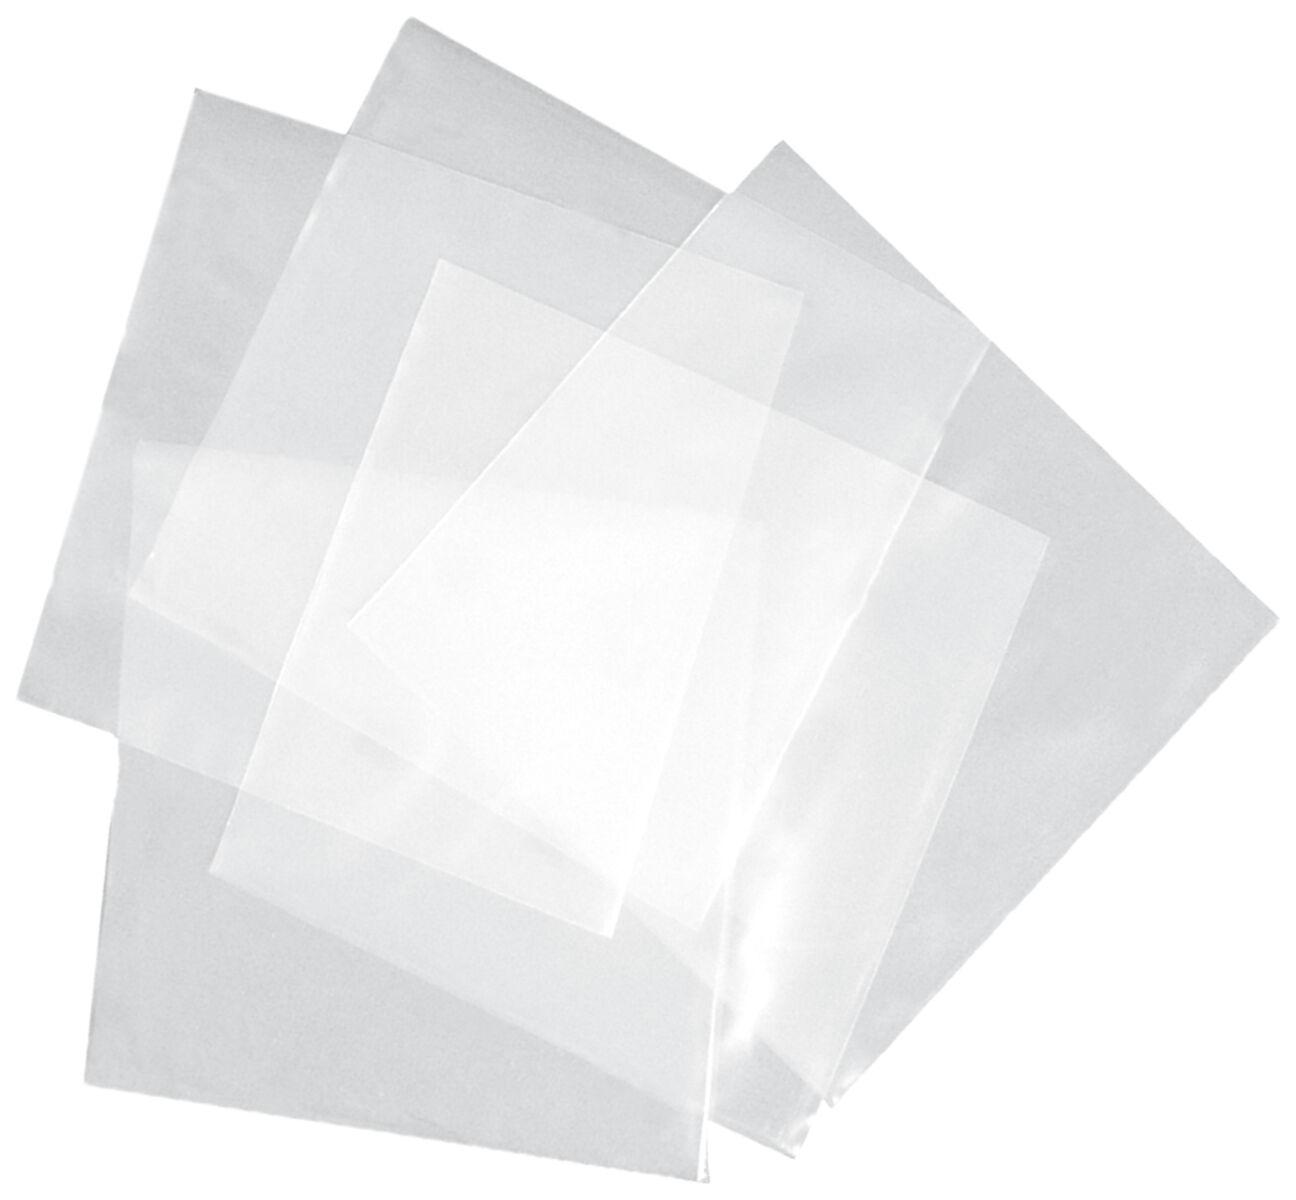 Vinyl-Verschlusshüllen (100 Stück)   Schutzhülle  Standard